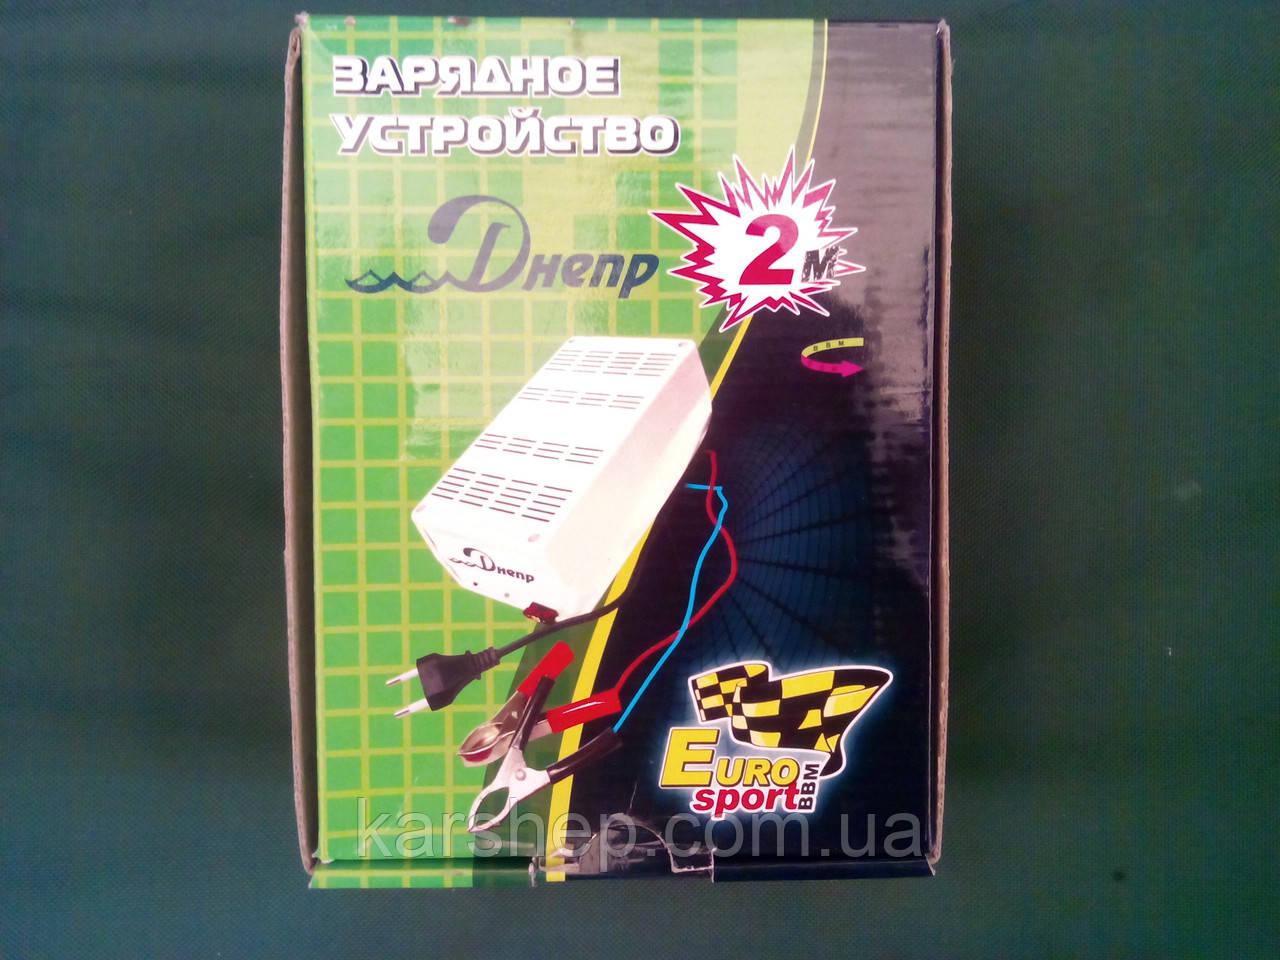 Зарядное устройство Днепр 2м.